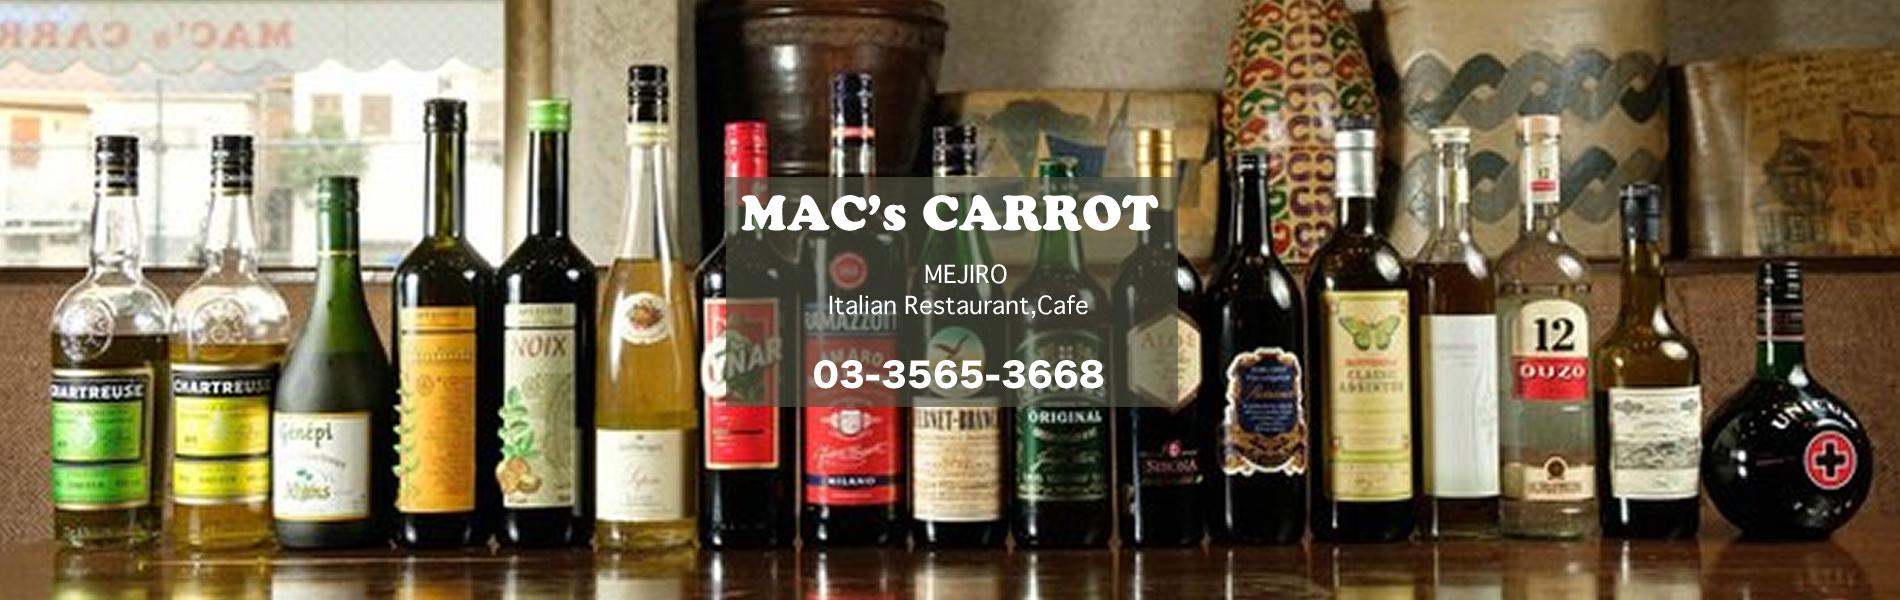 東京目白イタリアンレストラン【マックスキャロット(MAC's CARROT)】 | お酒も豊富にご用意しております。